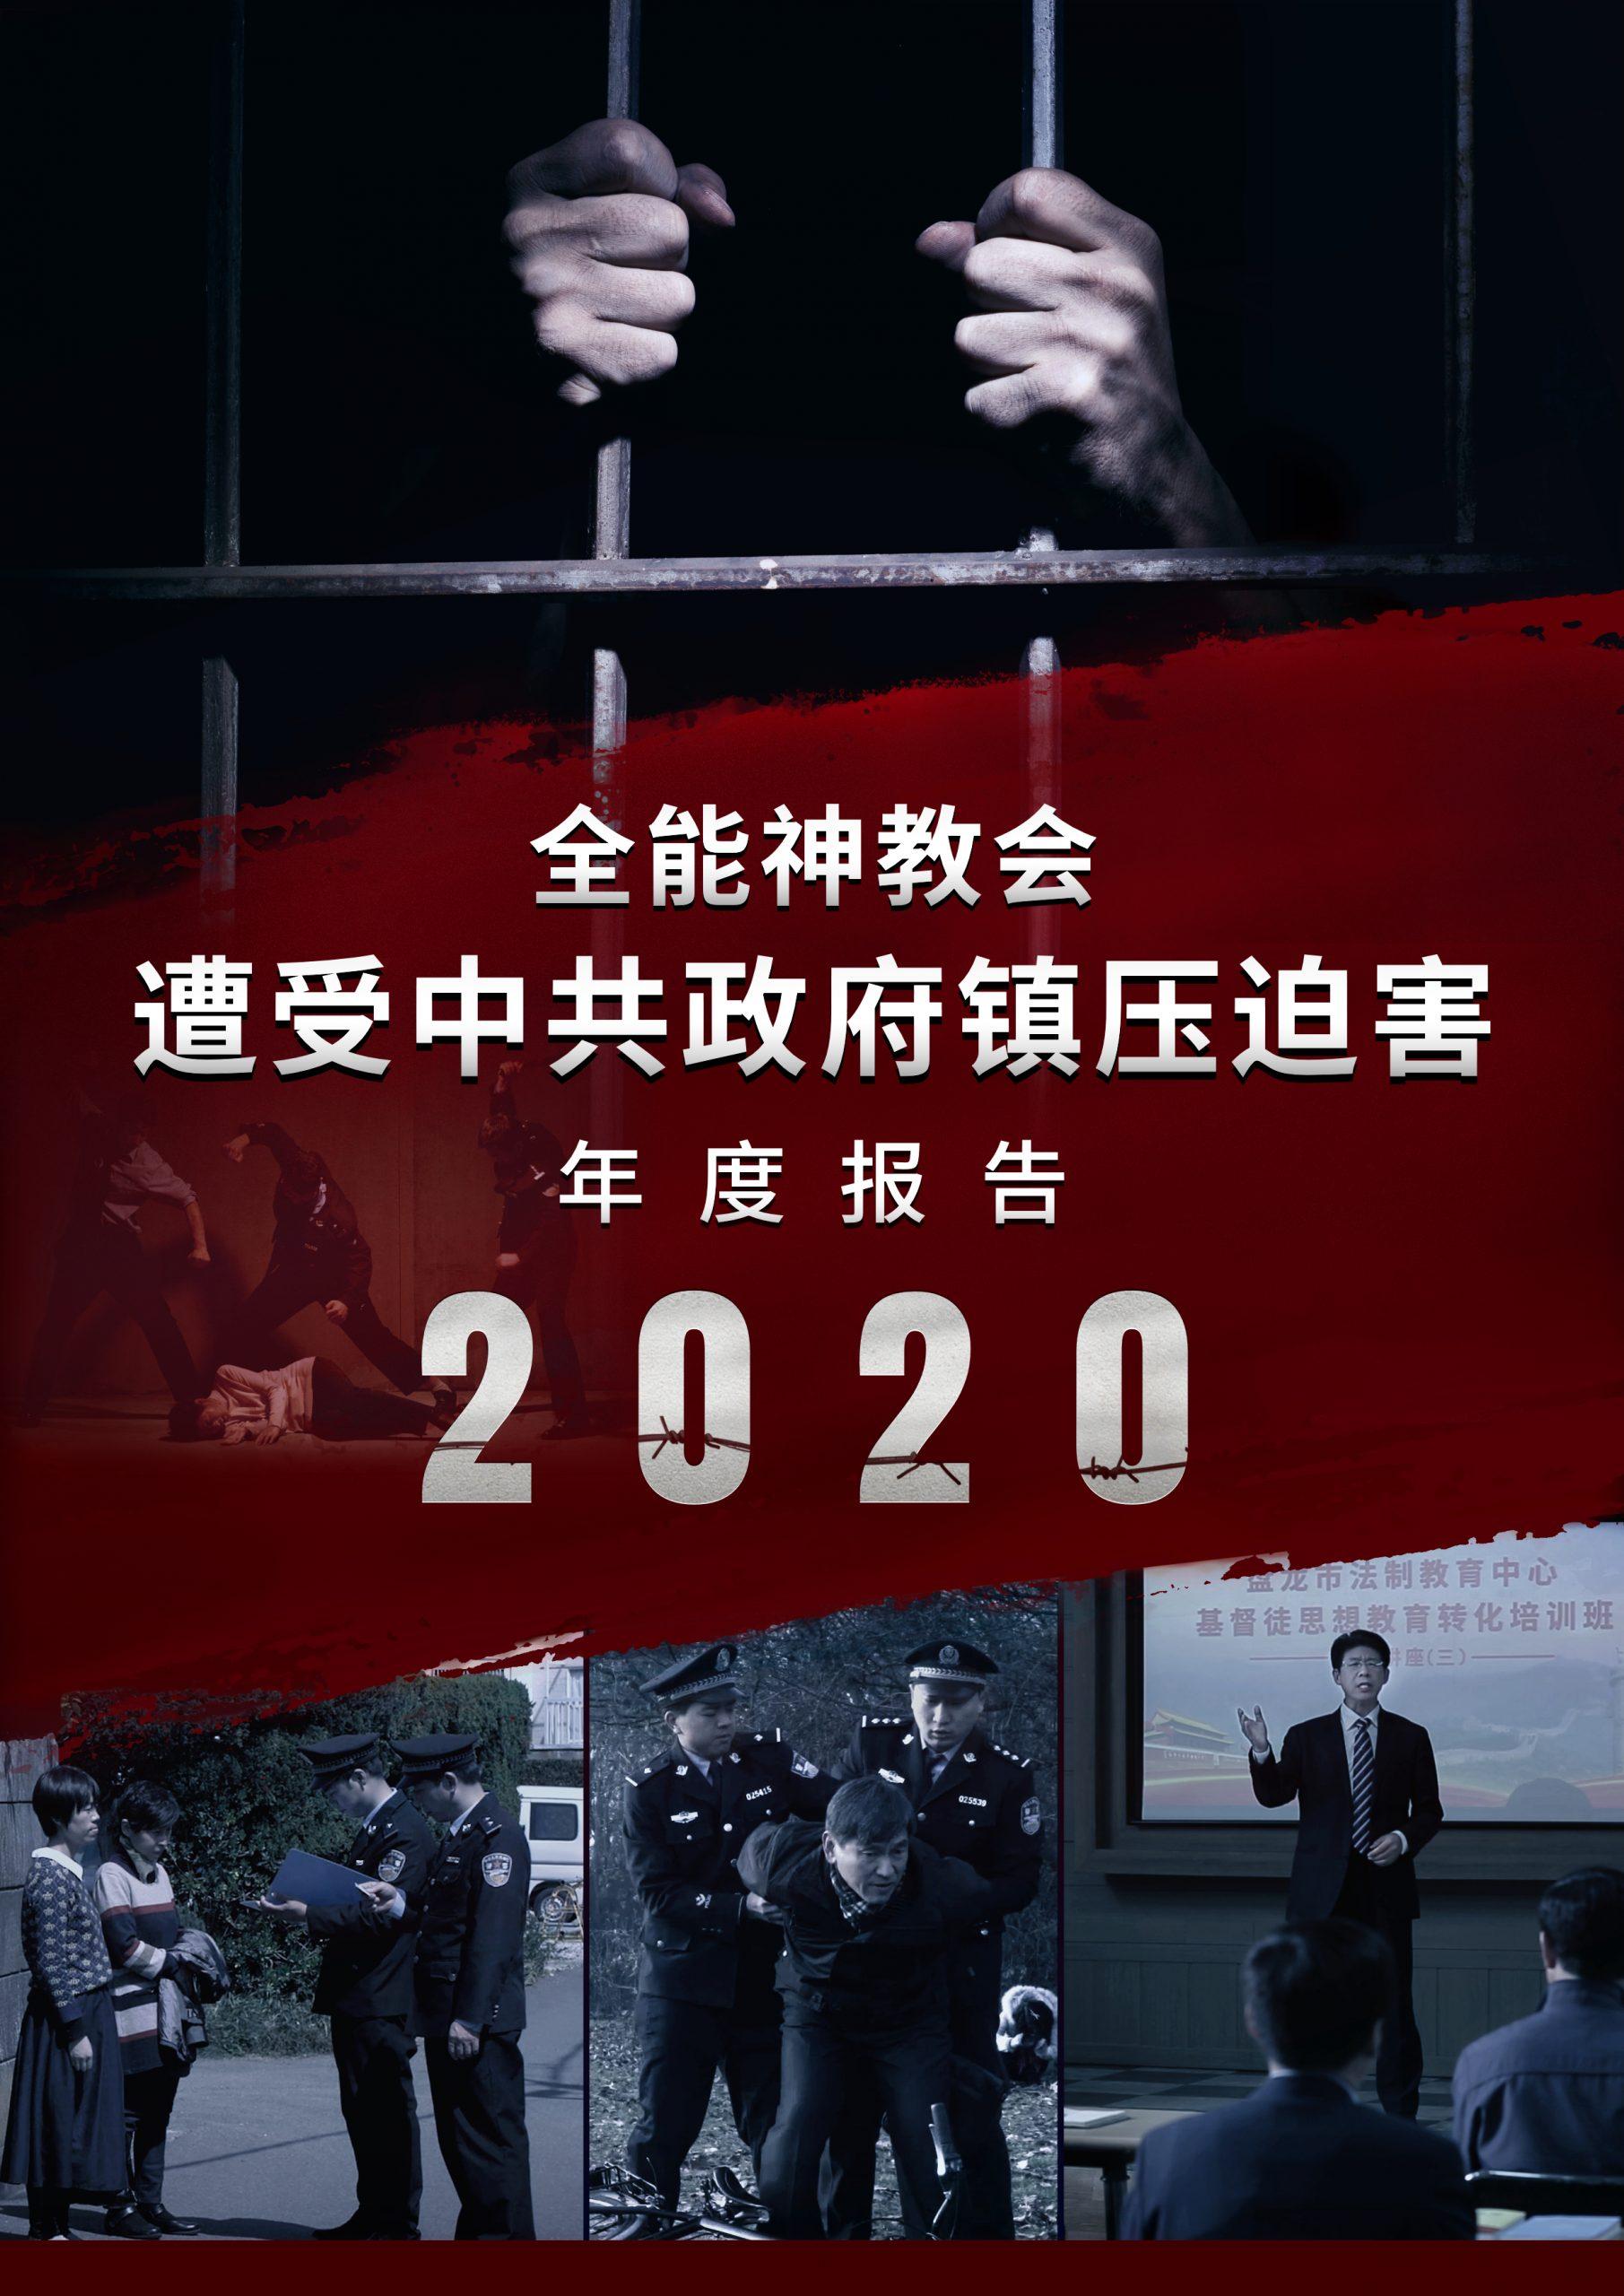 全能神教会遭受中共政府镇压迫害的2020年年度报告